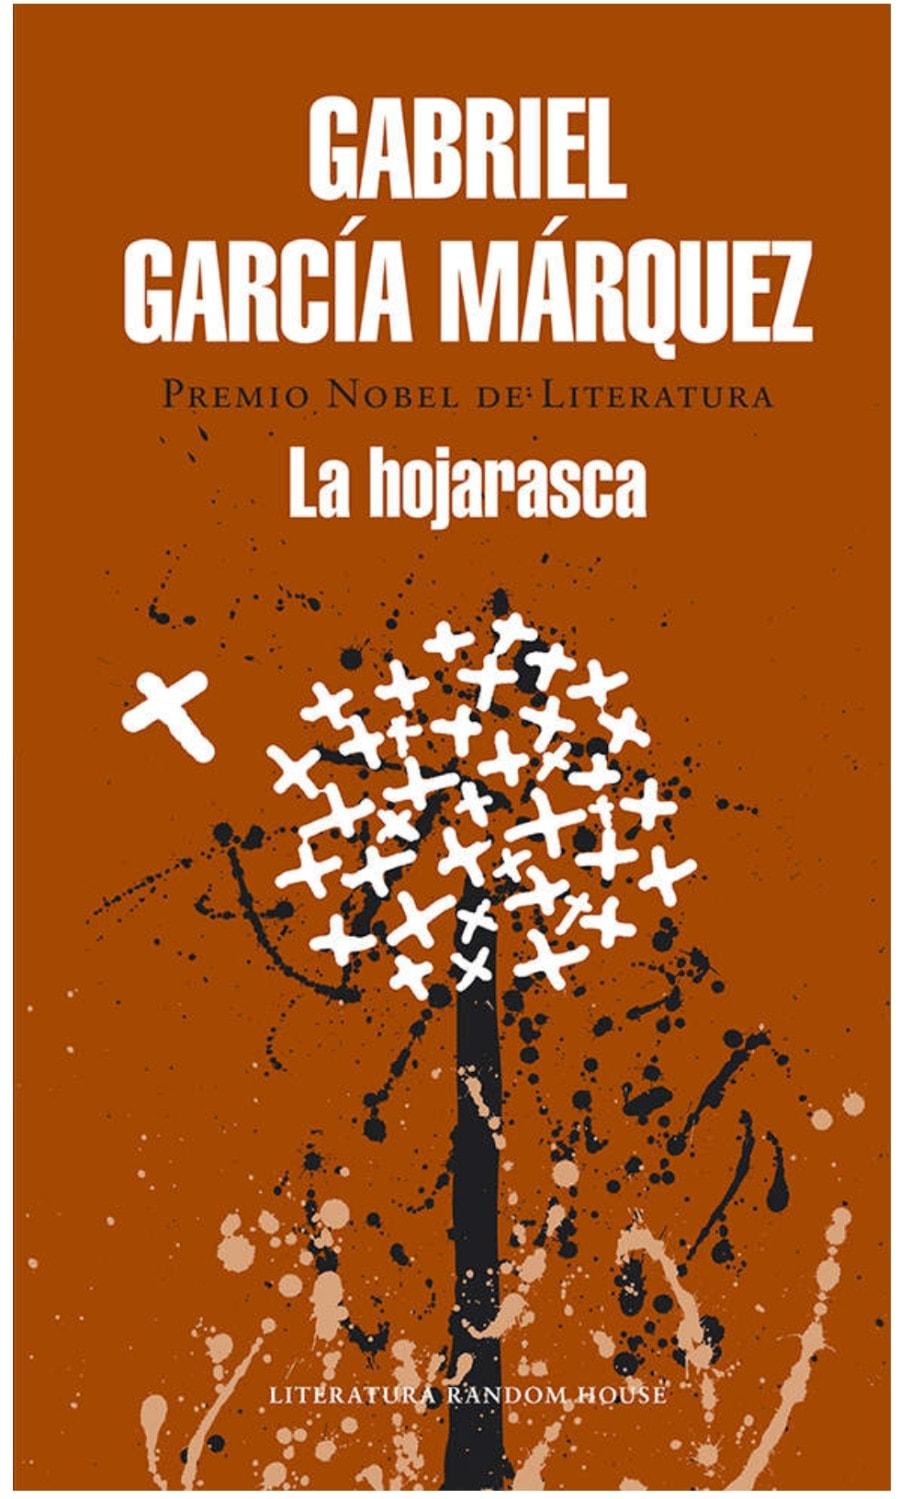 La hojarasca de Gabriel Garcia Marquez